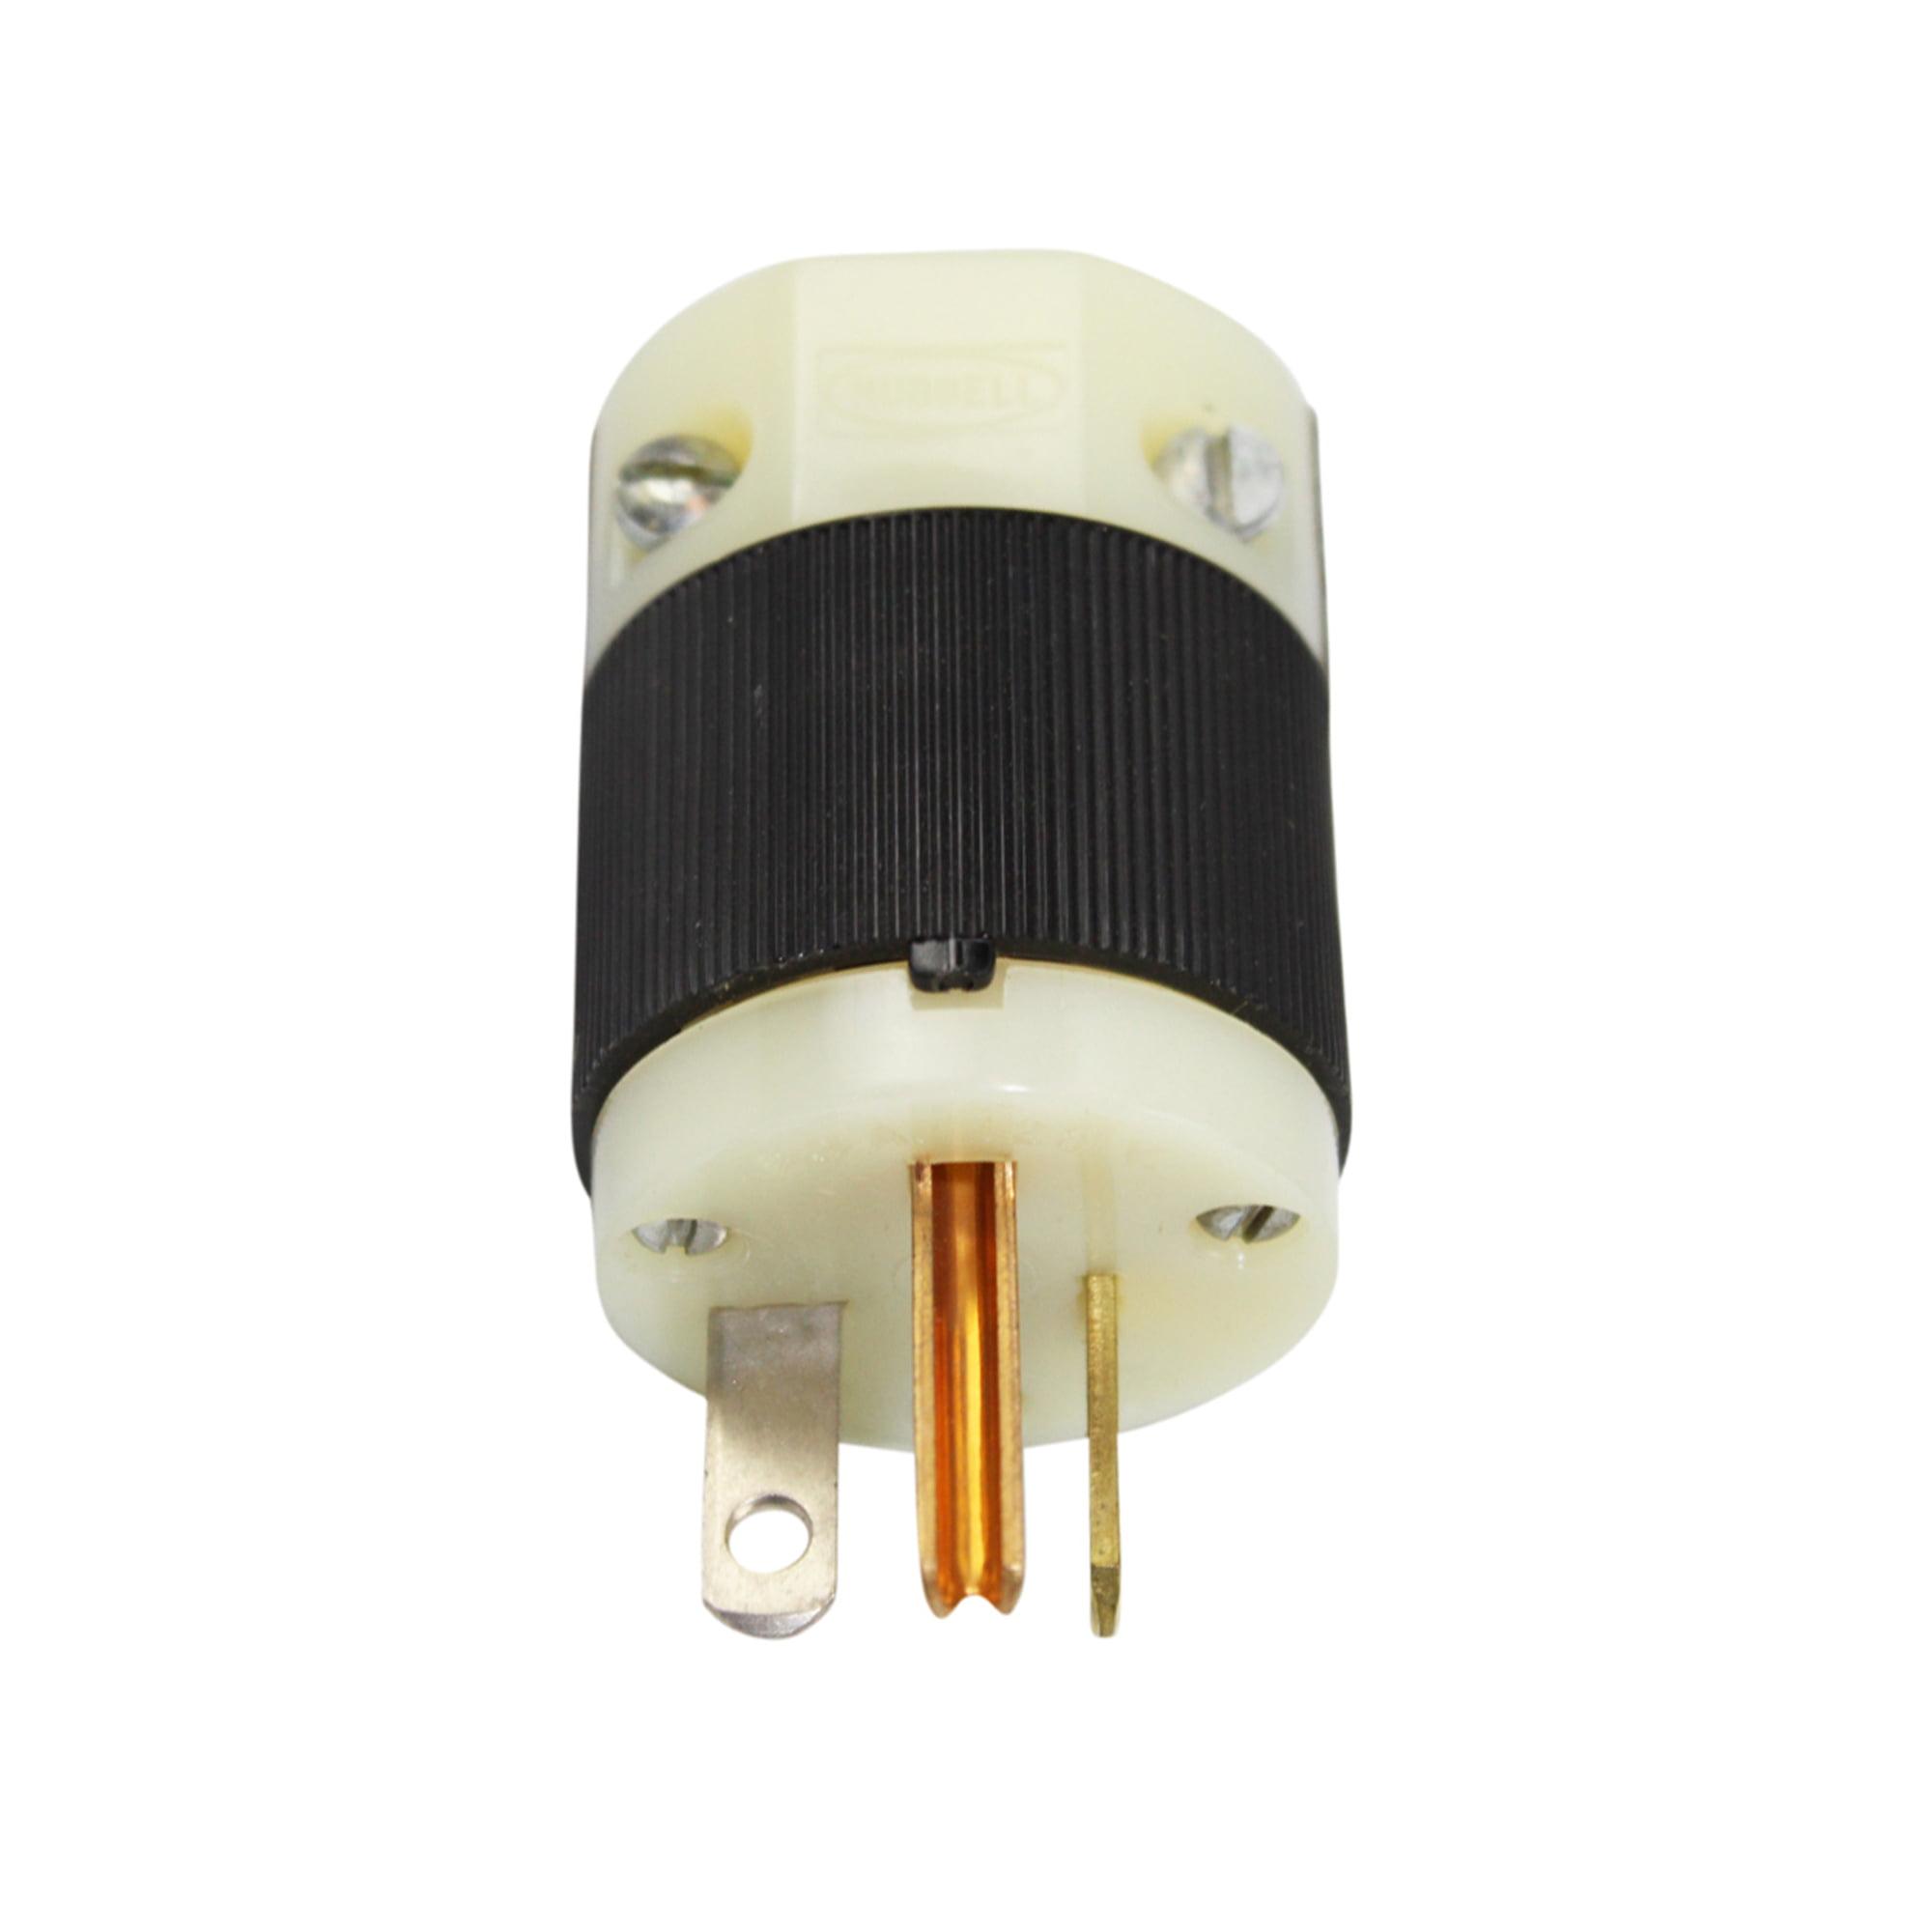 Hubbell HBL5366C Plug, 20 amp, 125V, 5-20P, Black/White(P...